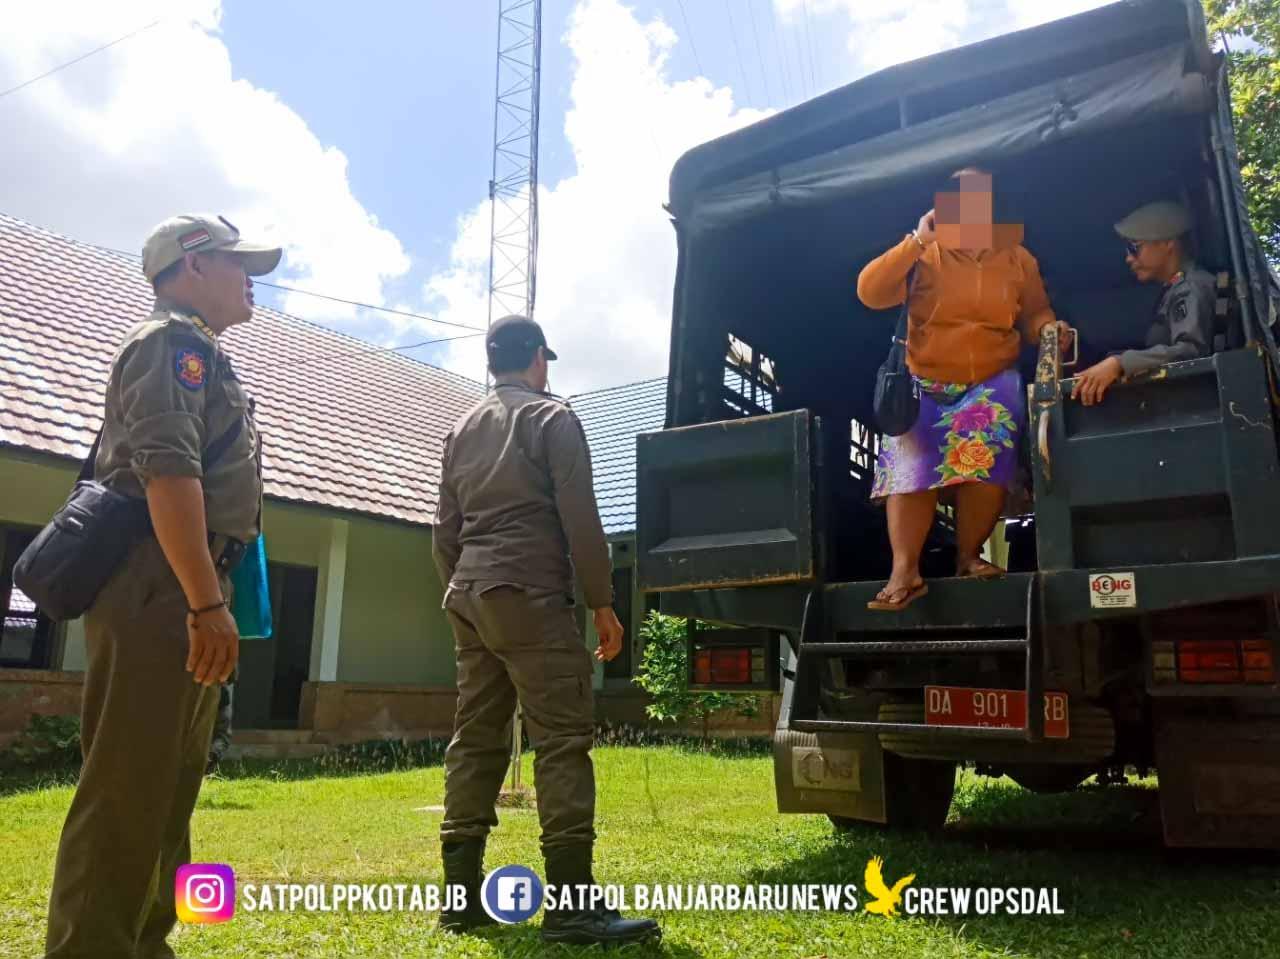 PSK diturunkan dari atas truk Satpol PP. Foto - Hms Satpol PP